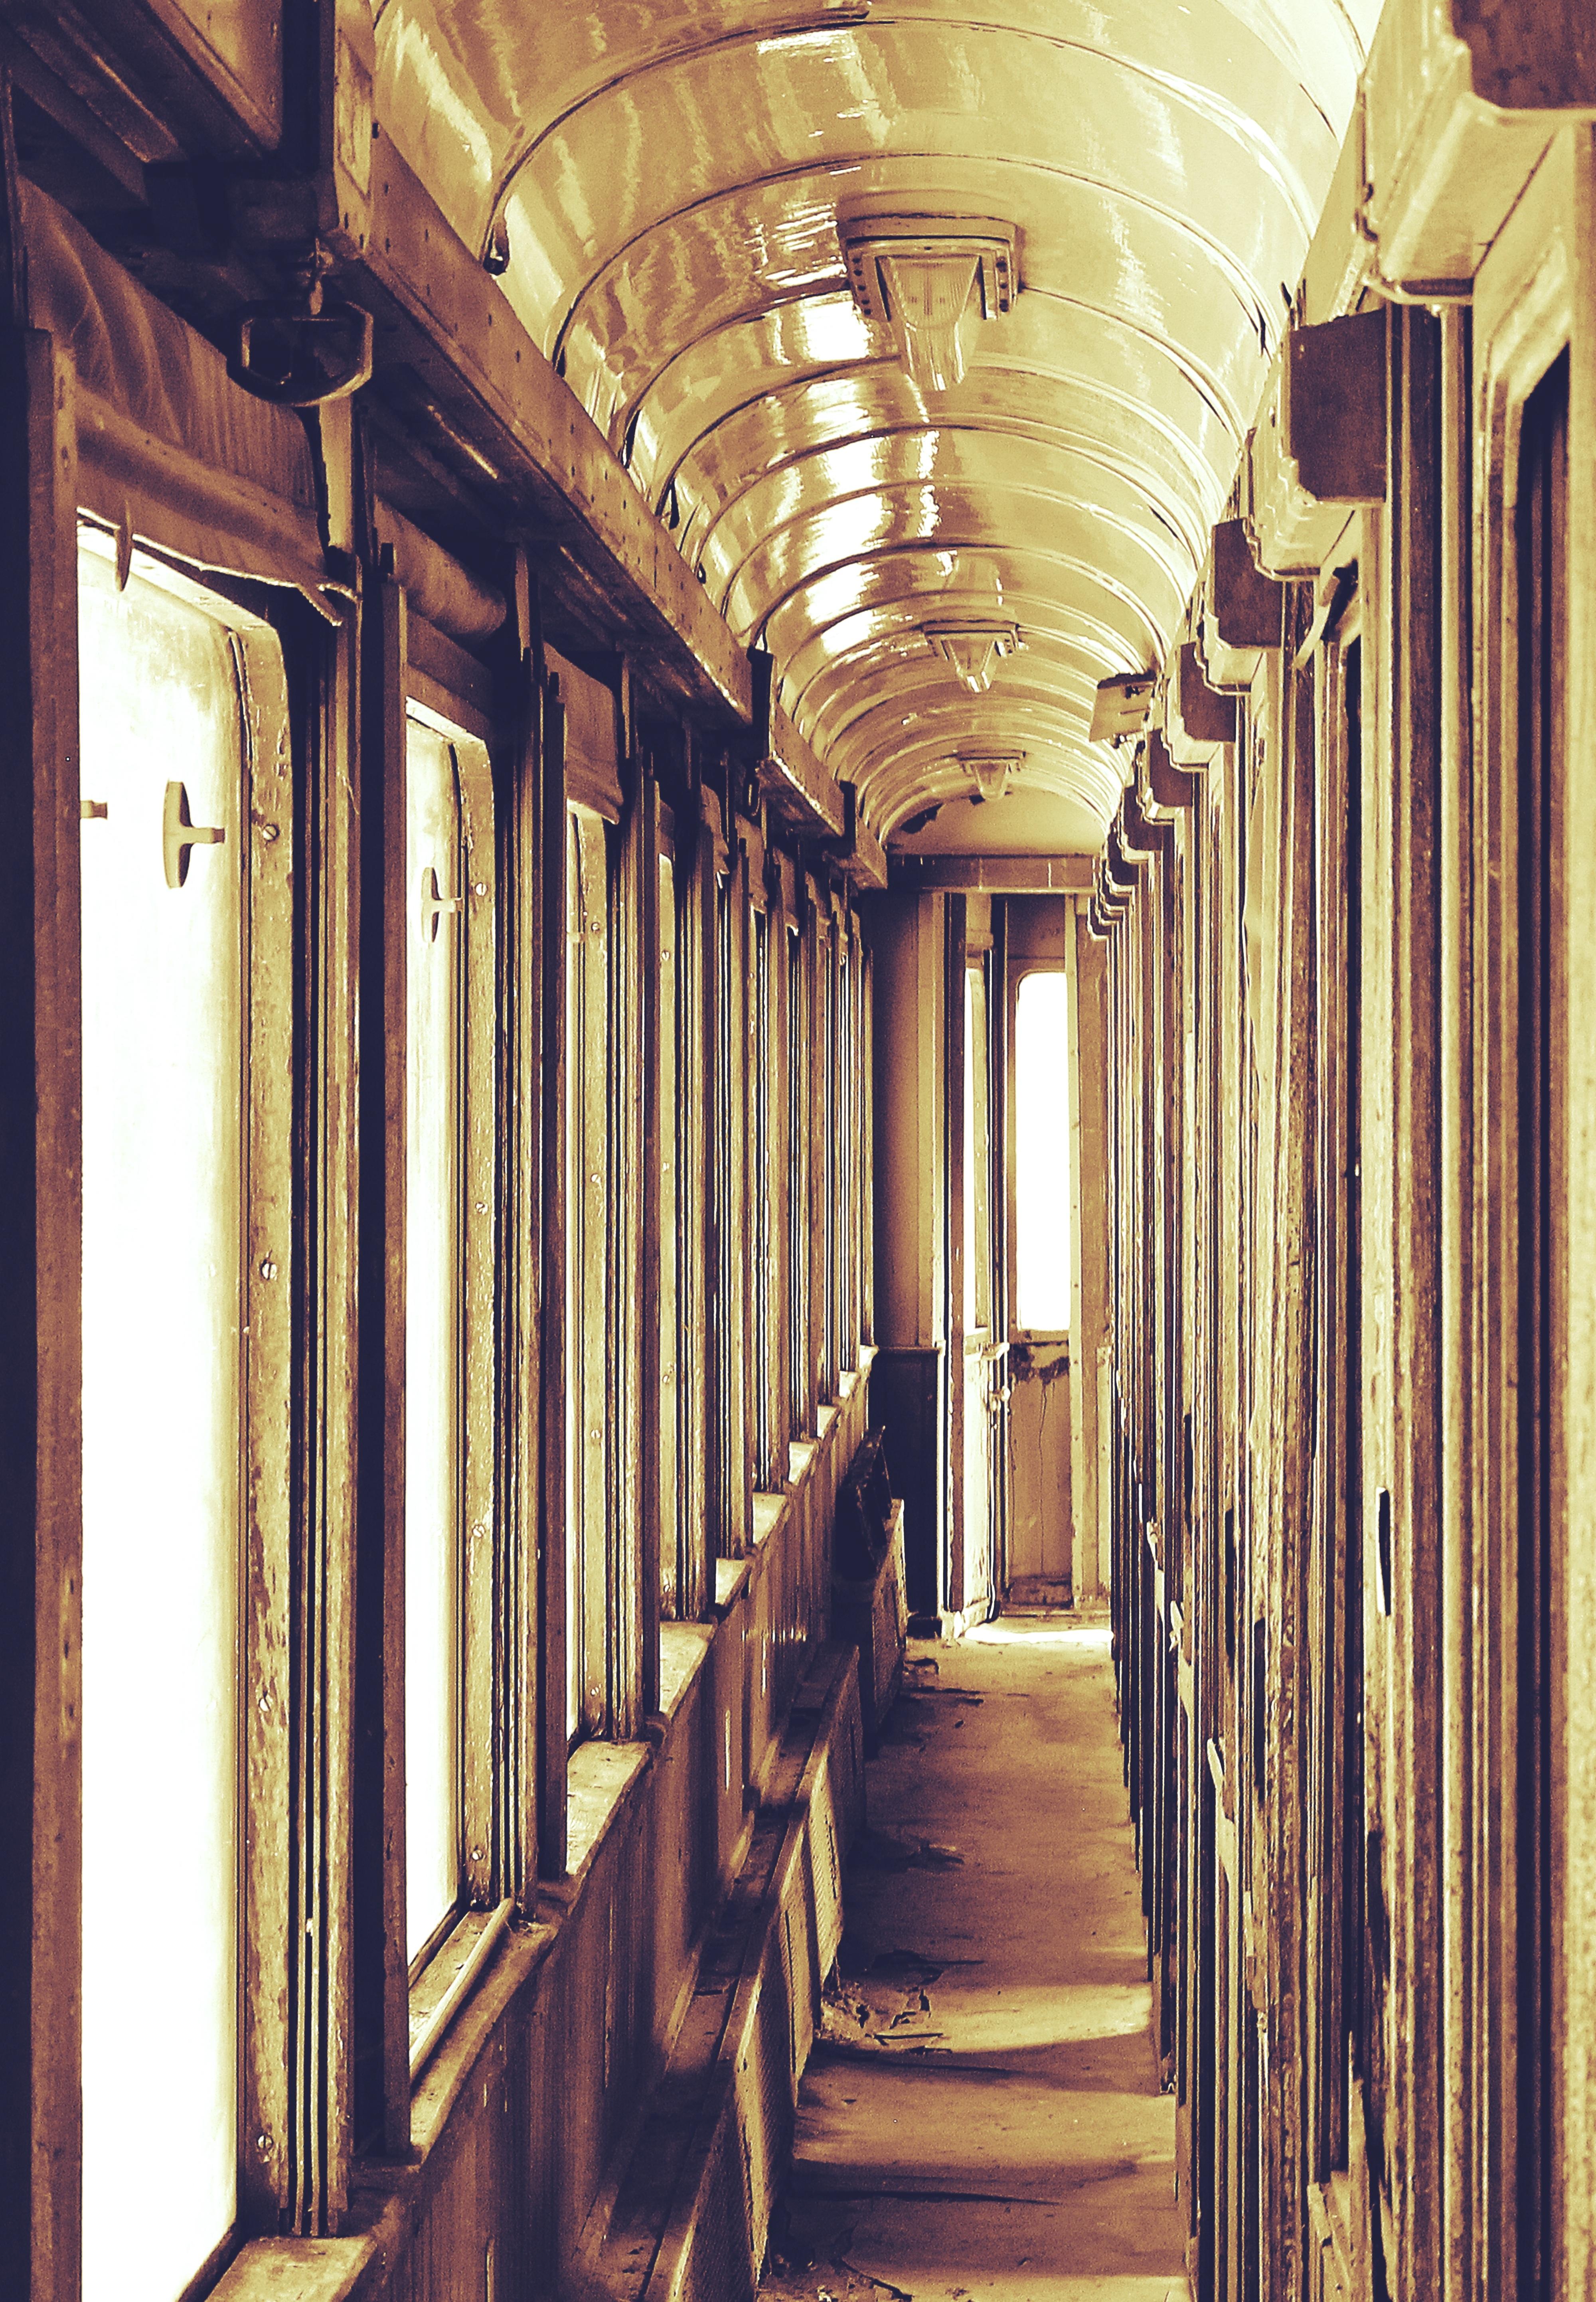 fotos gratis ferrocarril vagon palacio ventana antiguo casa columna sala roto decaer cementerio resistido diseno de interiores simetria